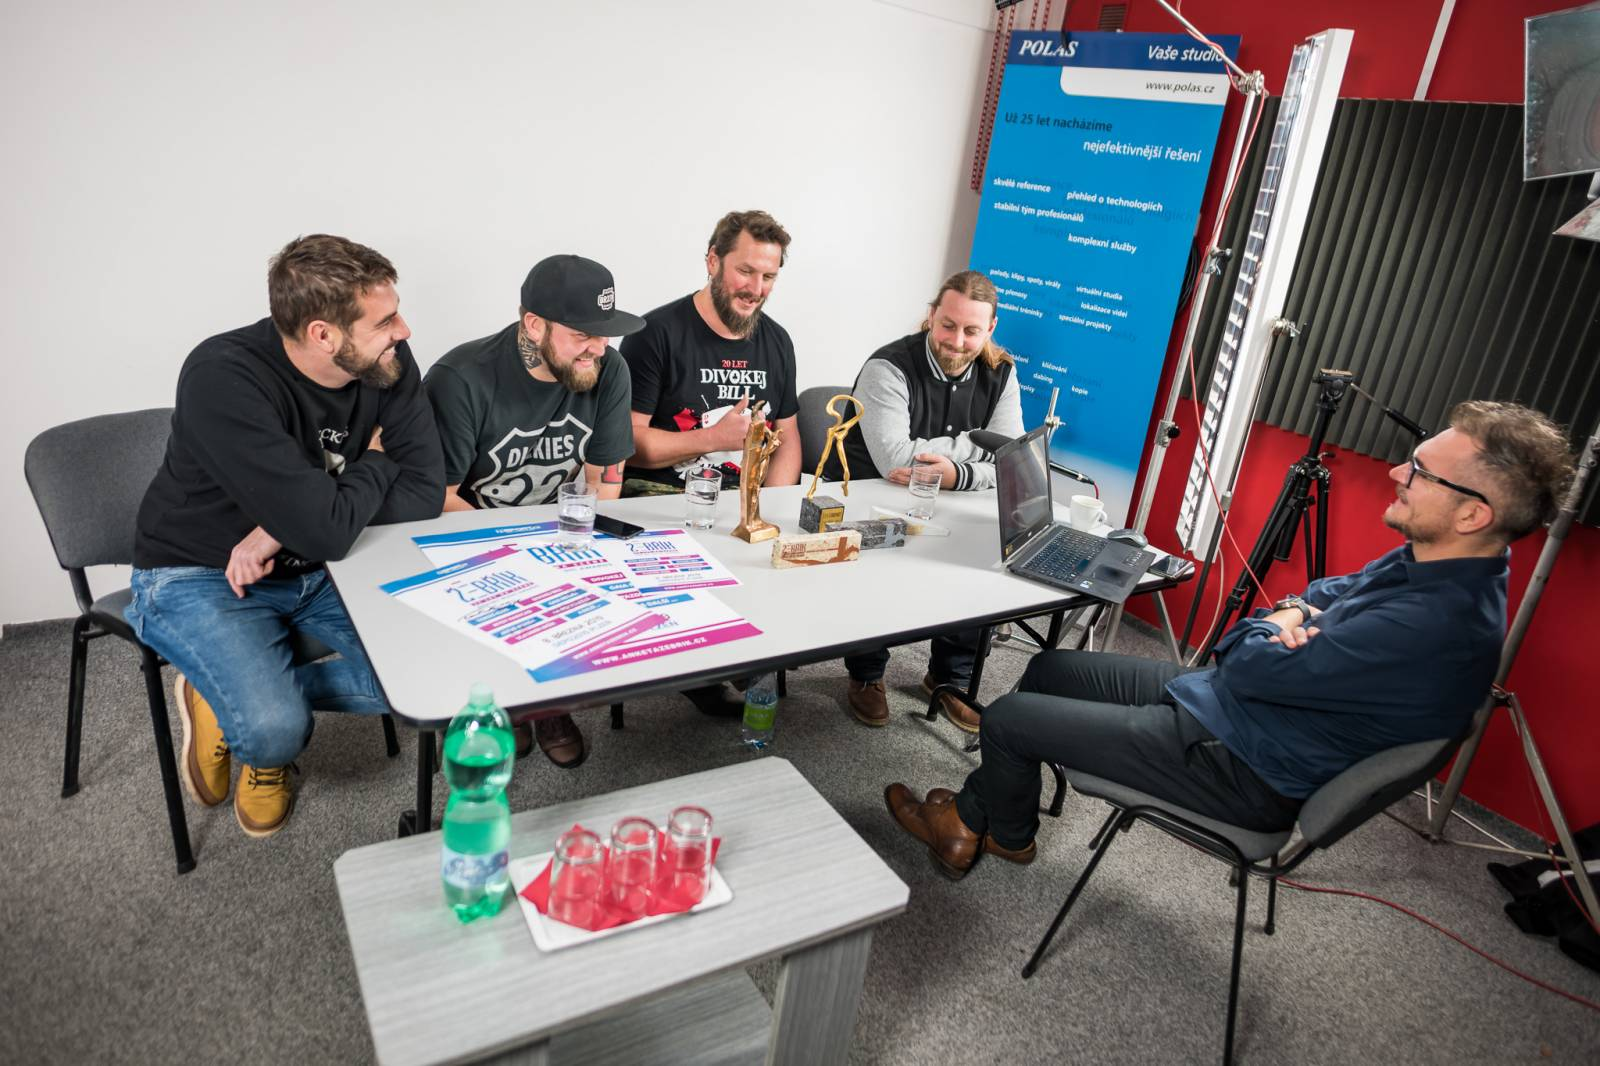 VIDEO: Tomáš Klus, Divokej Bill, Vladimír Mišík, Jakub Kohák a další točili spot Žebříku